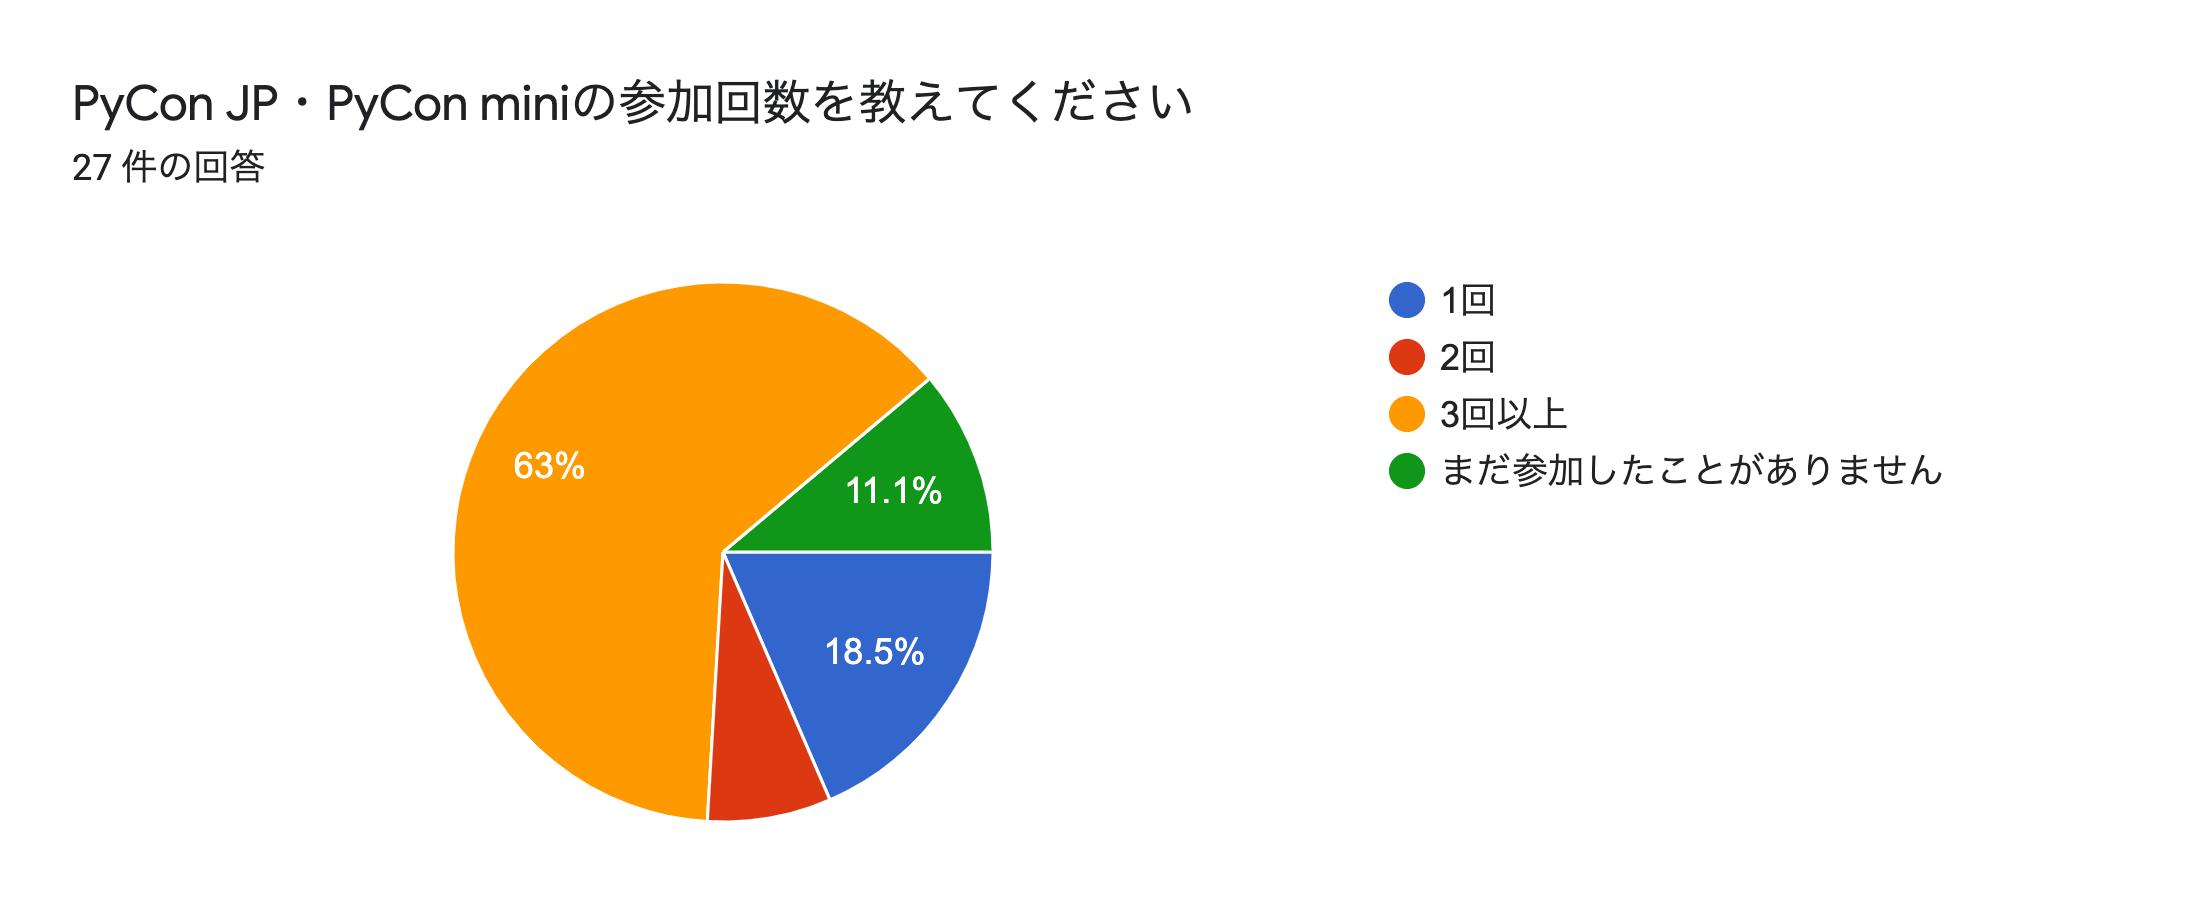 フォームの回答のグラフ。質問のタイトル: PyCon JP・PyCon miniの参加回数を教えてください。回答数: 27 件の回答。